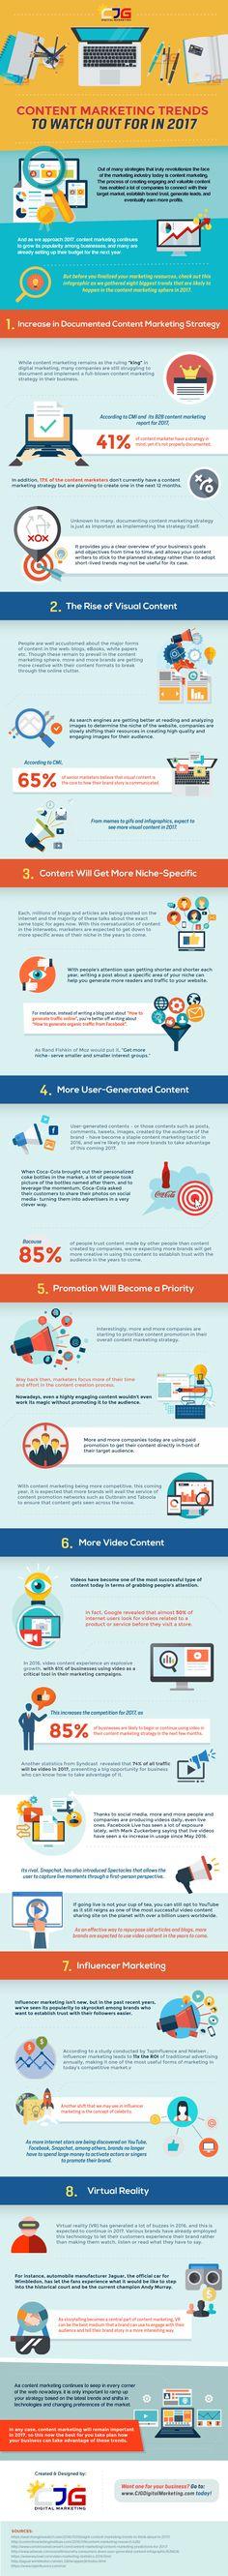 Wat ga jij doen op gebied van contentmarketing in 2017? 8 inspirerende trends #infographic